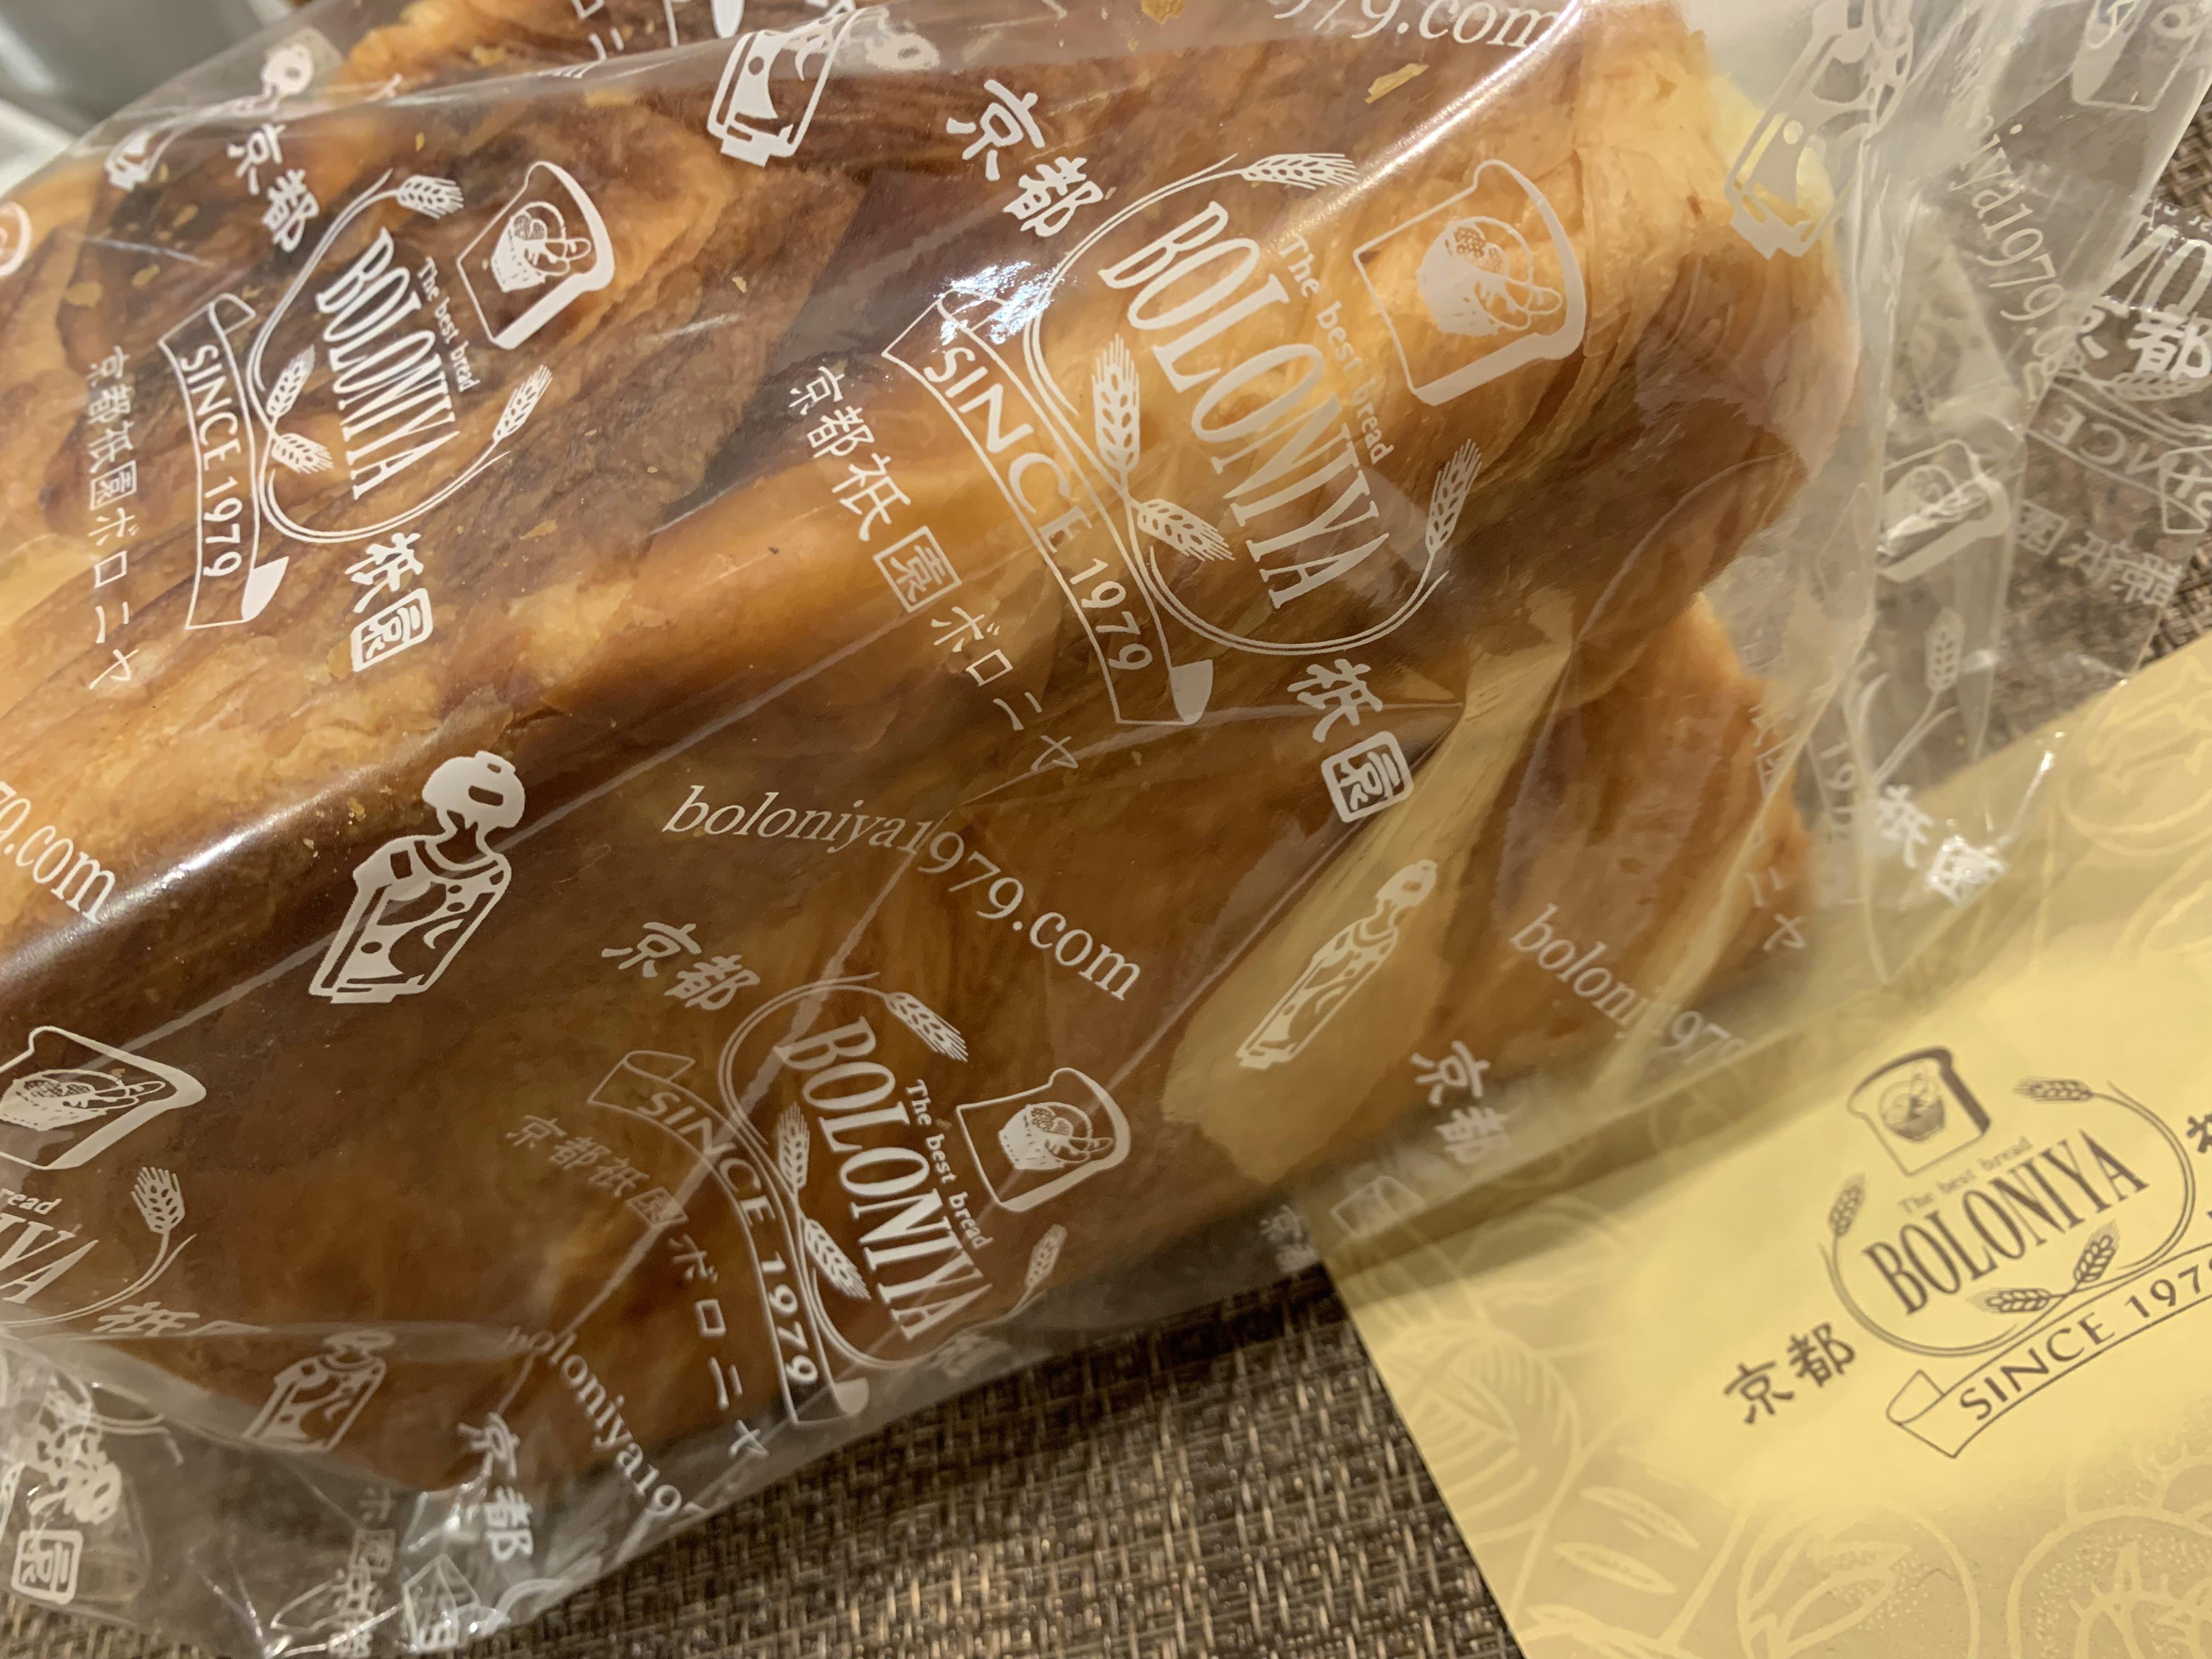 京都祇園ボロニヤの元祖デニッシュ食パンの味は?食べた感想